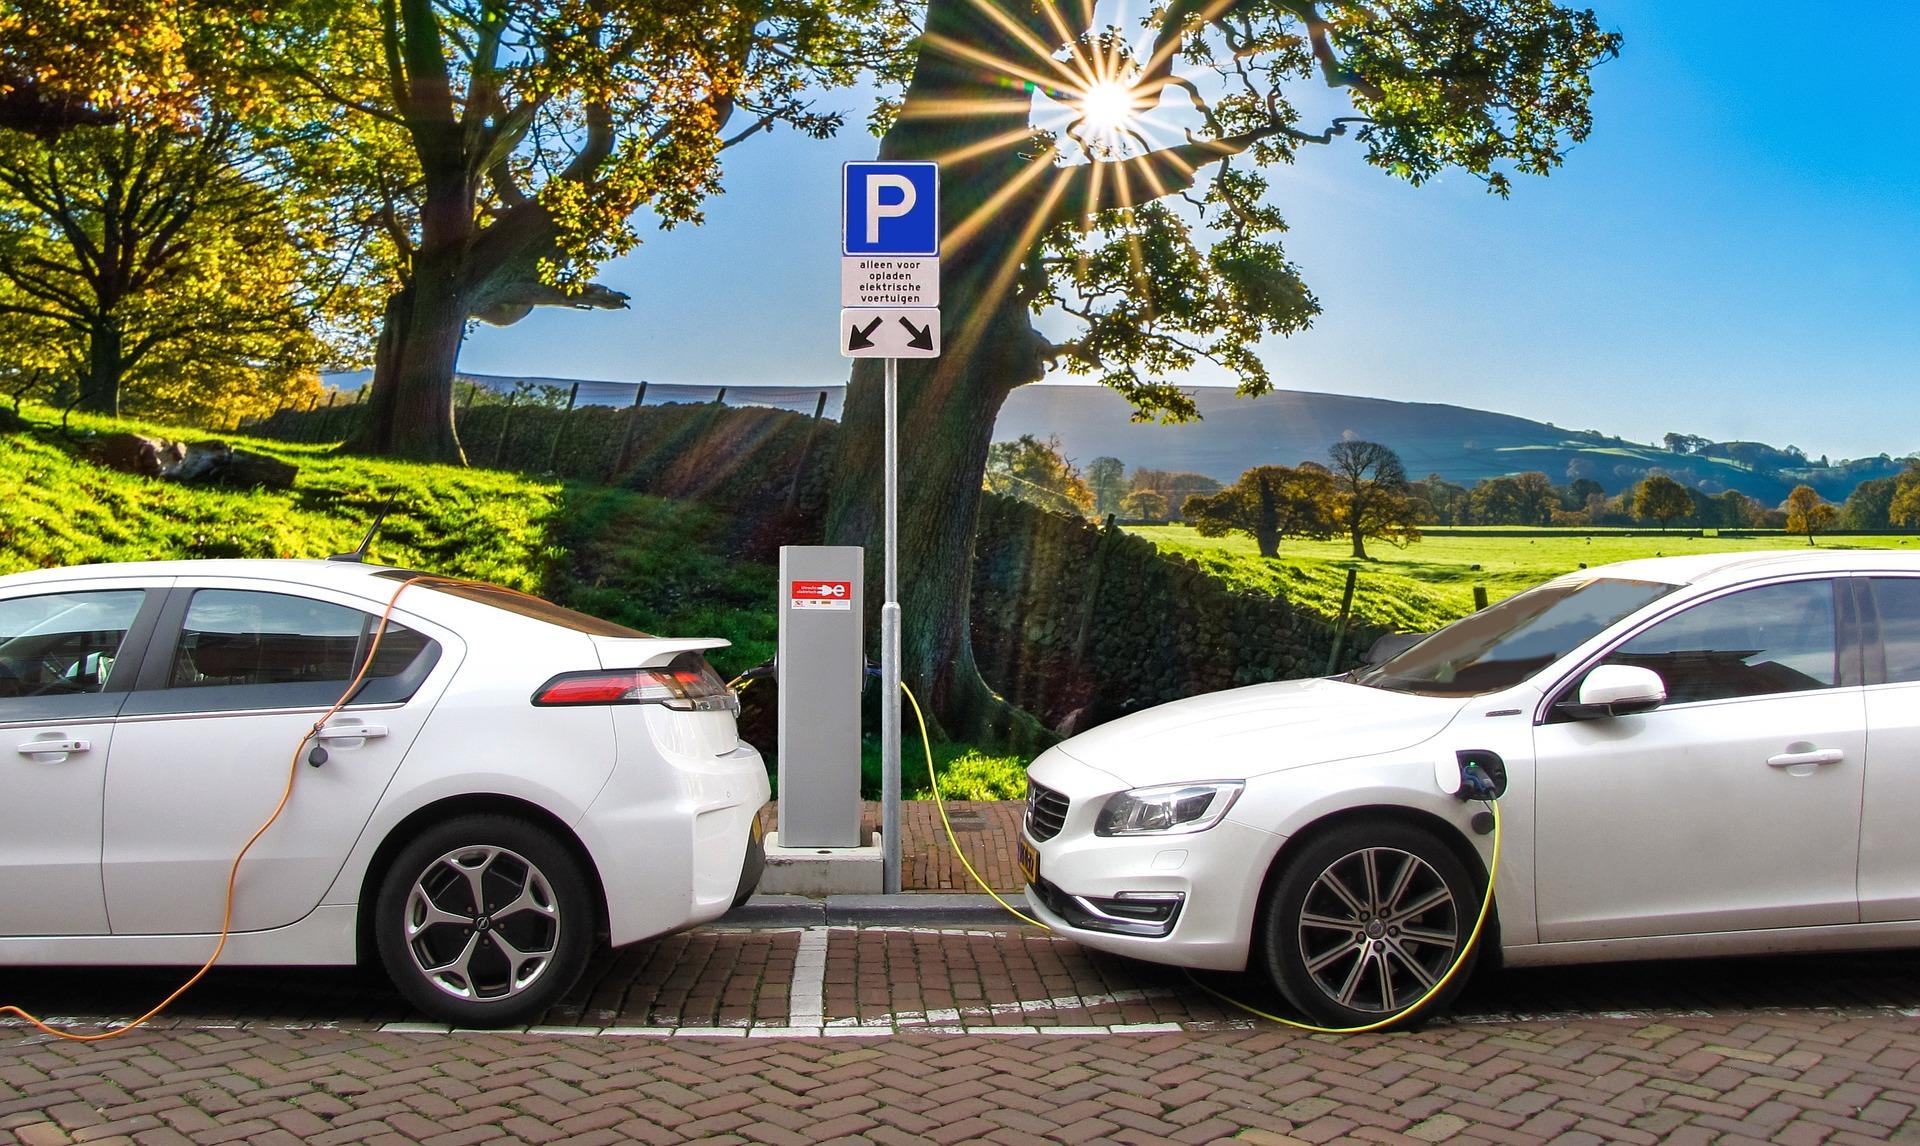 Ricarica delle auto elettriche: come cambierà nei prossimi anni?